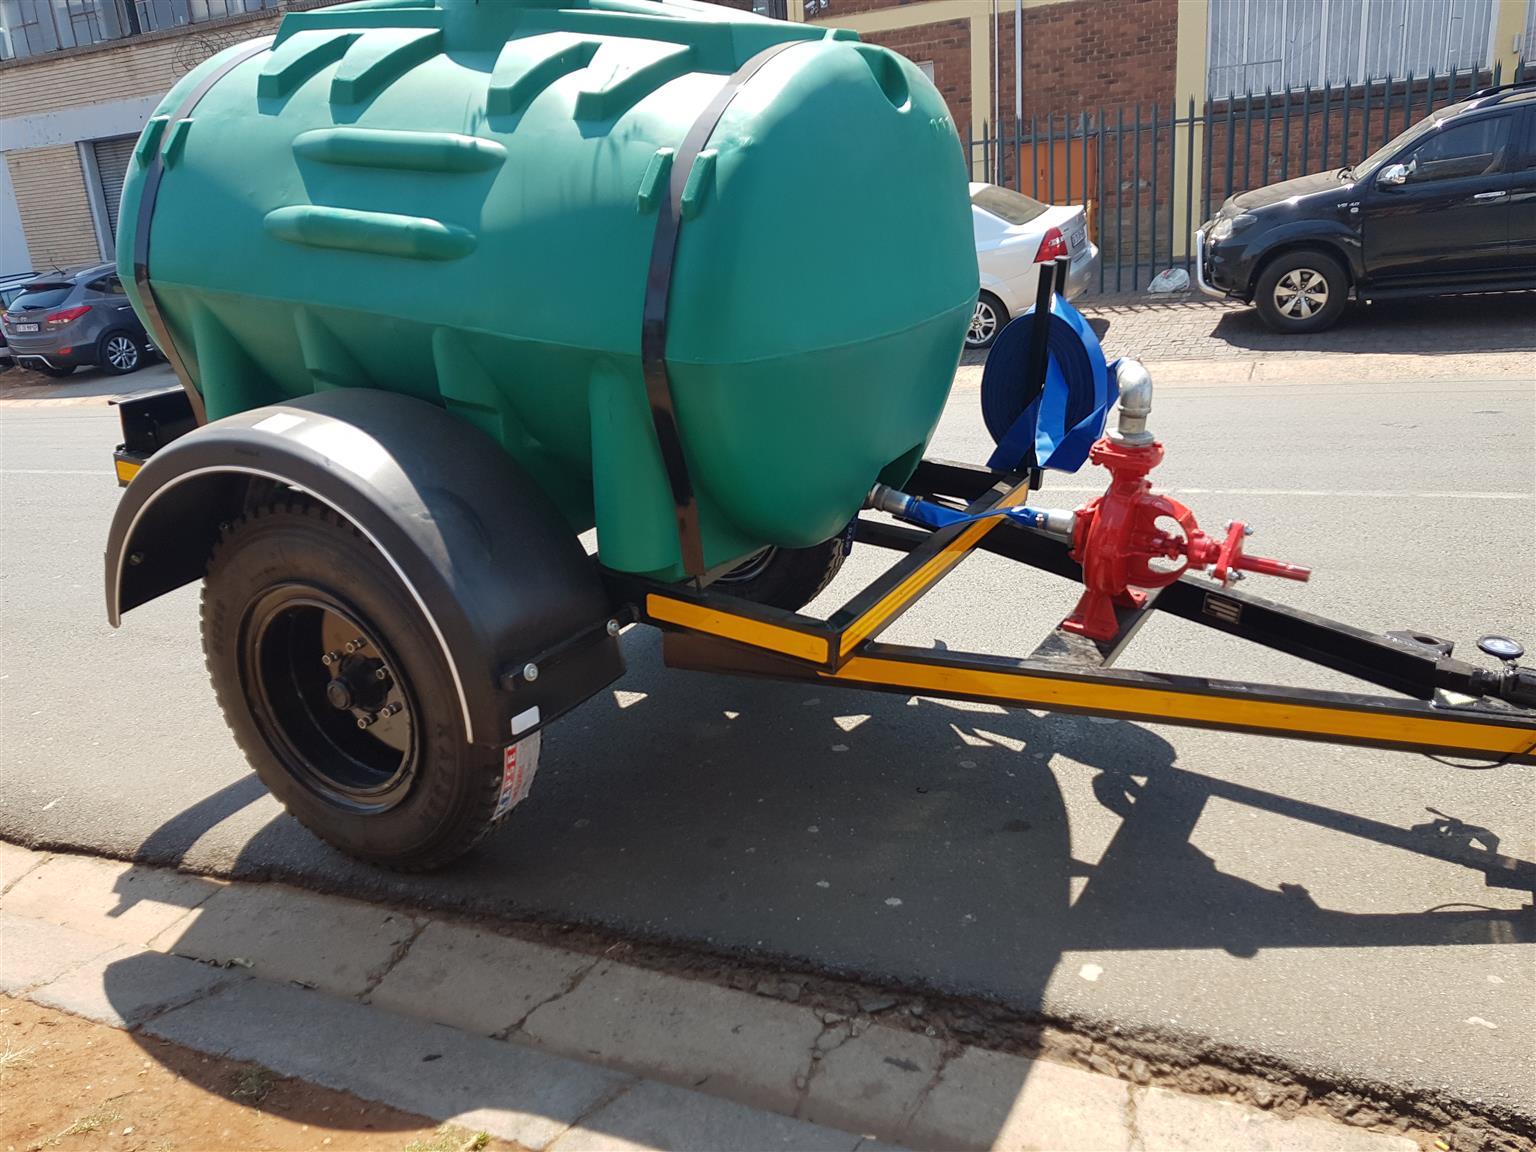 2500 liter plastic